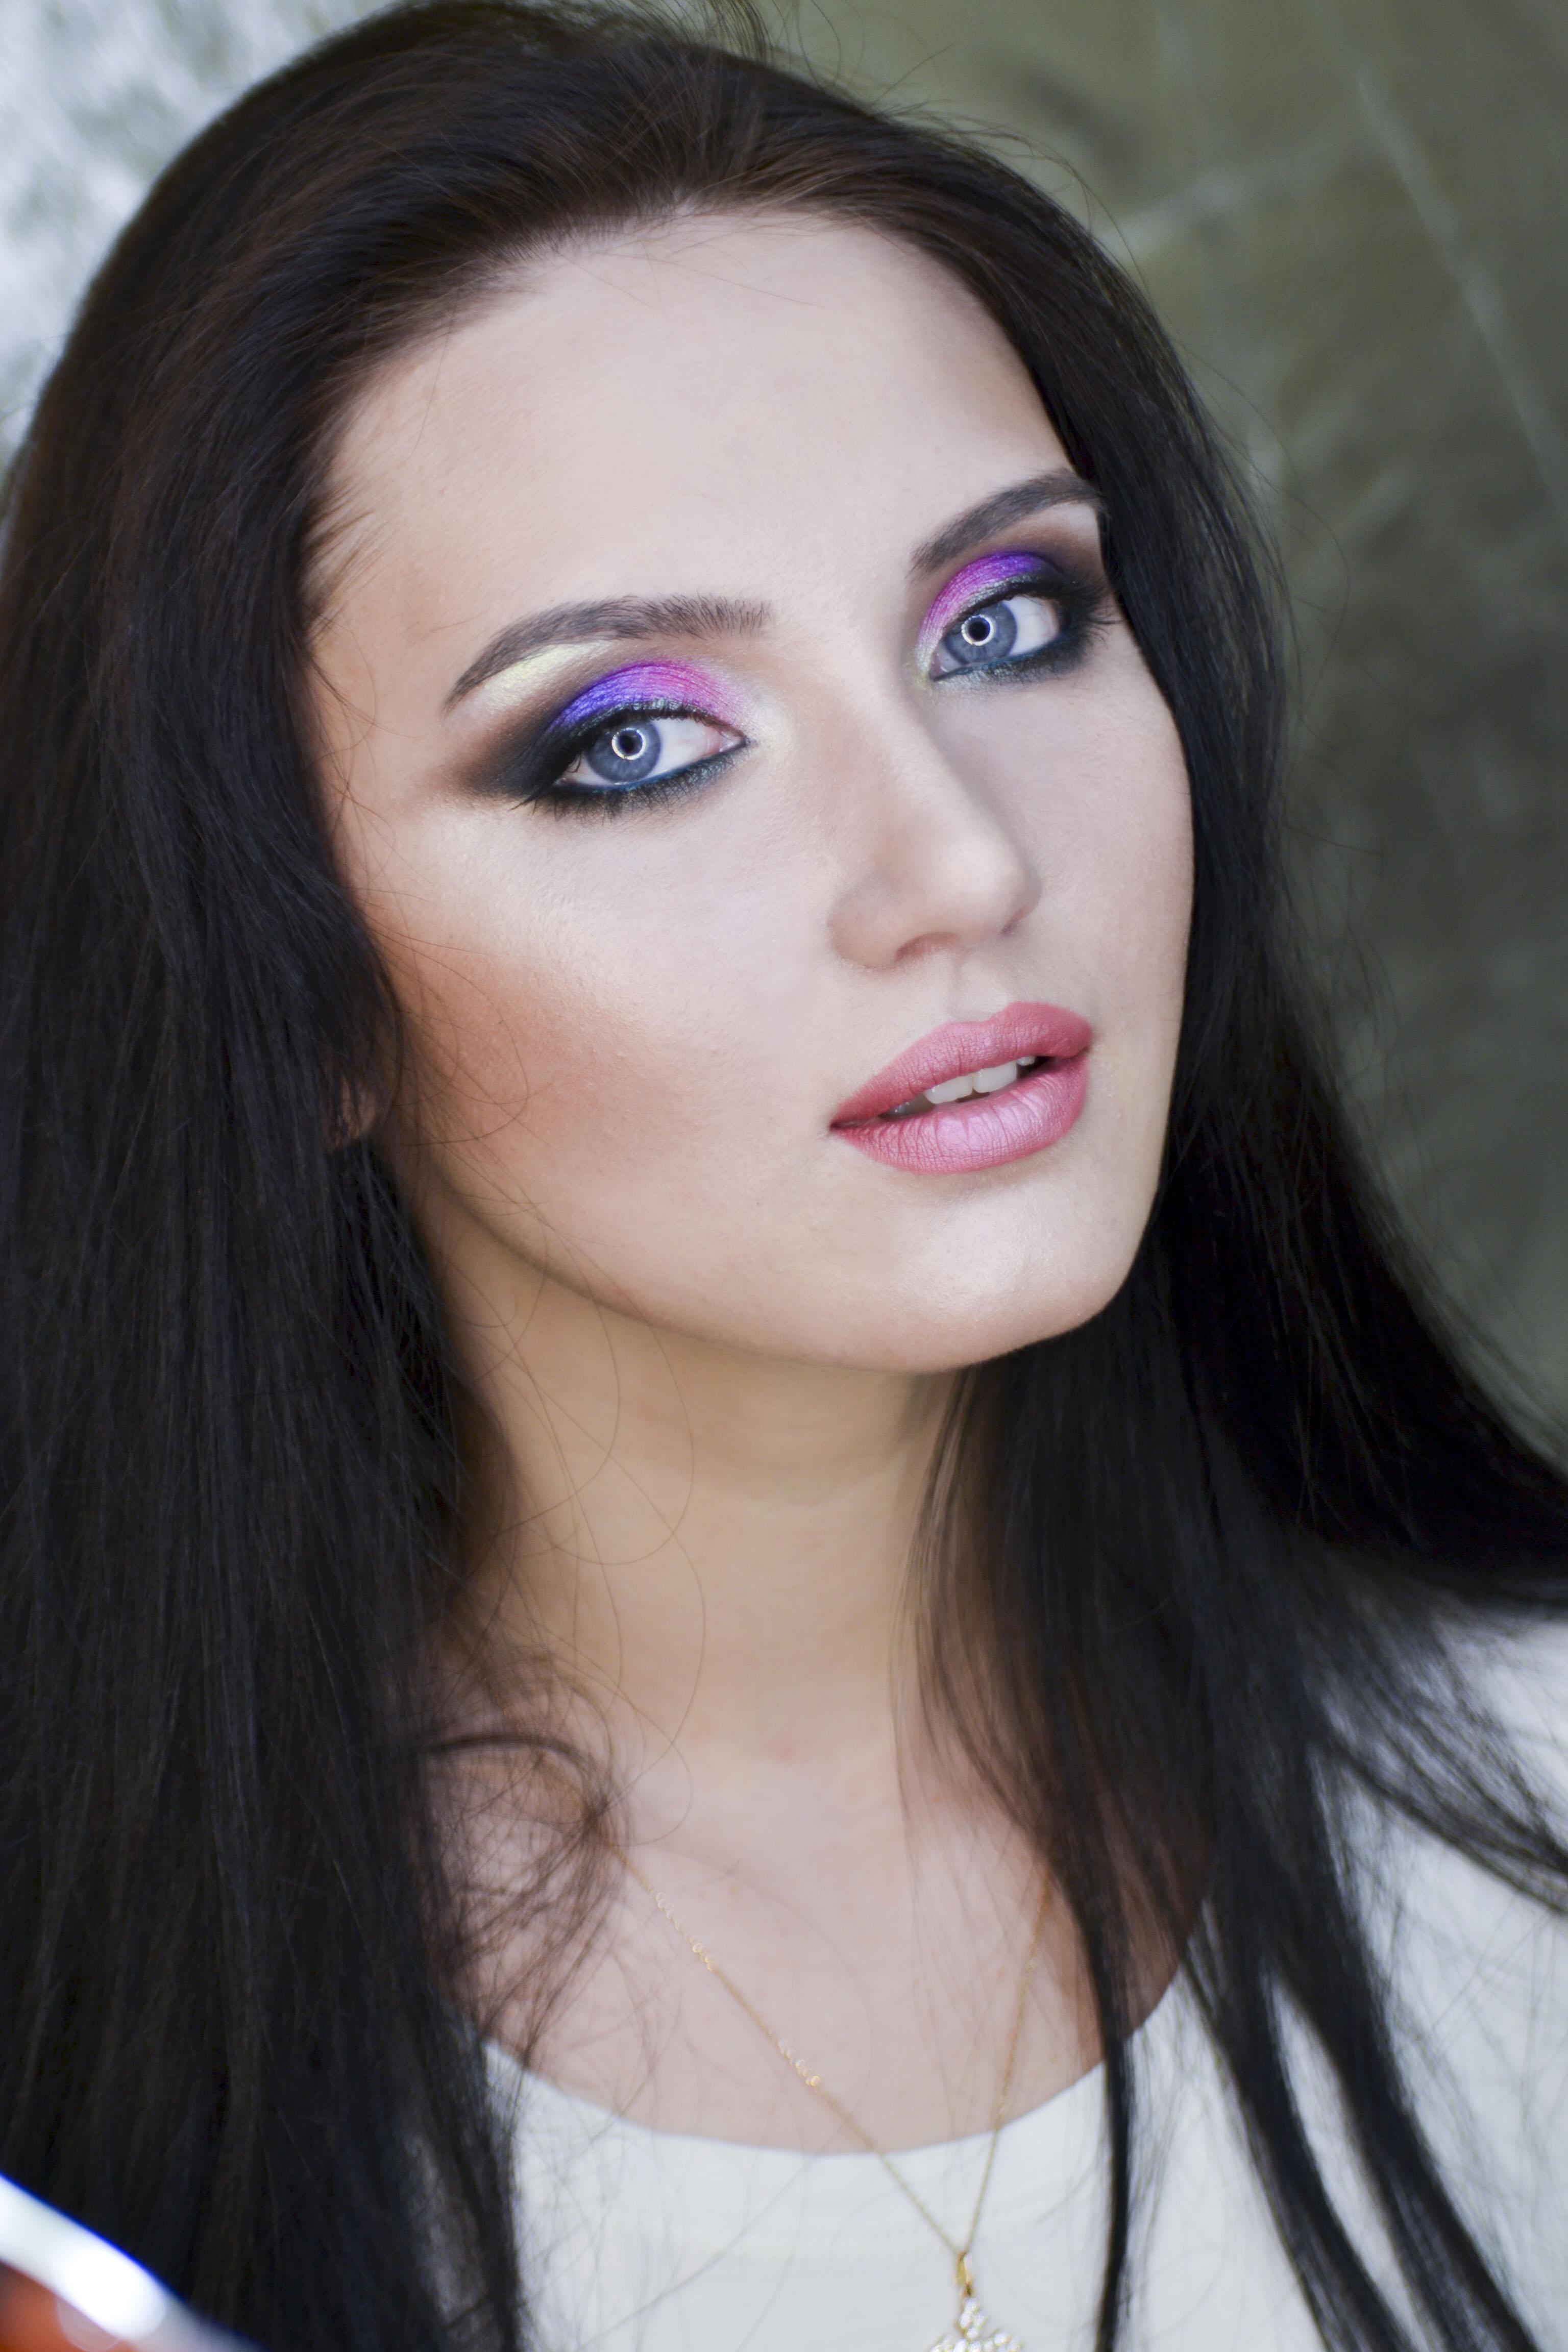 Колористика в макияже